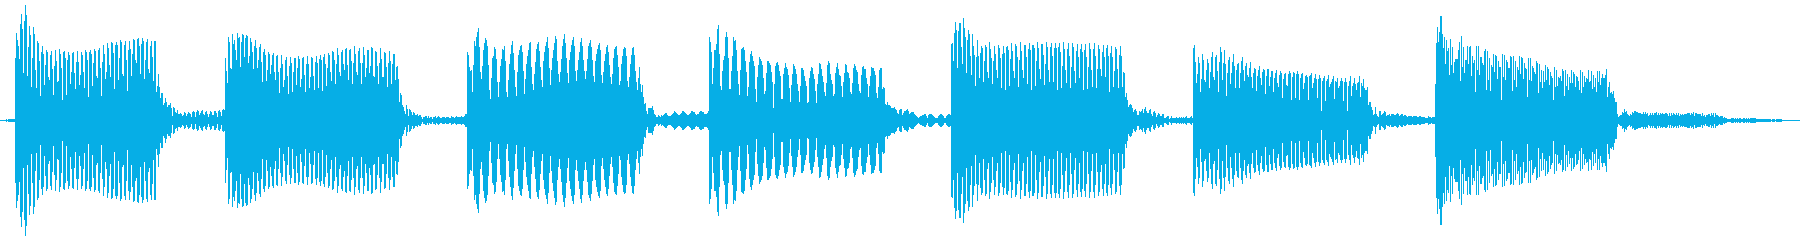 電話12の再生済みの波形